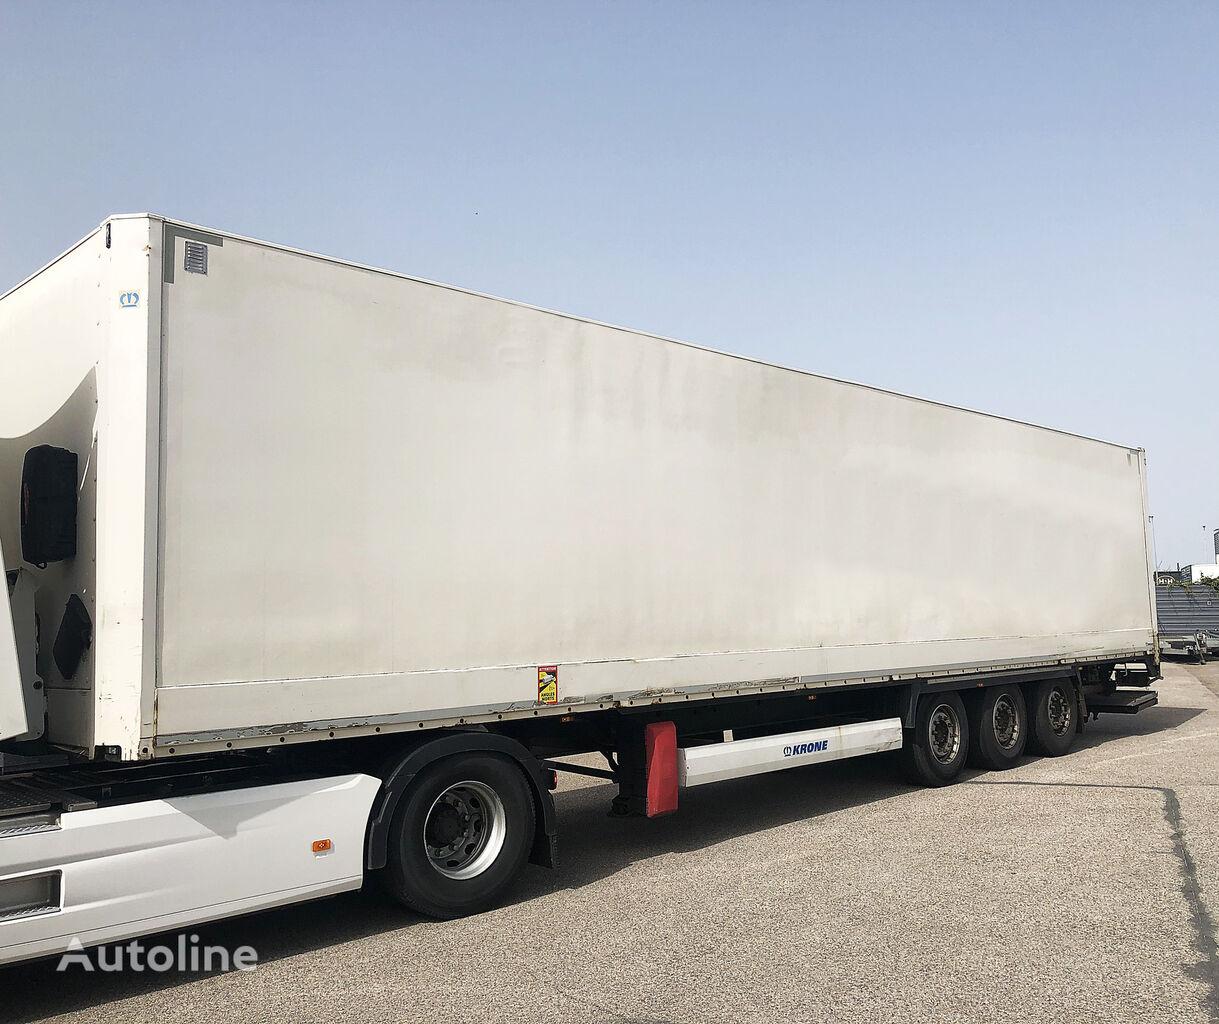 KRONE SD27D closed box semi-trailer